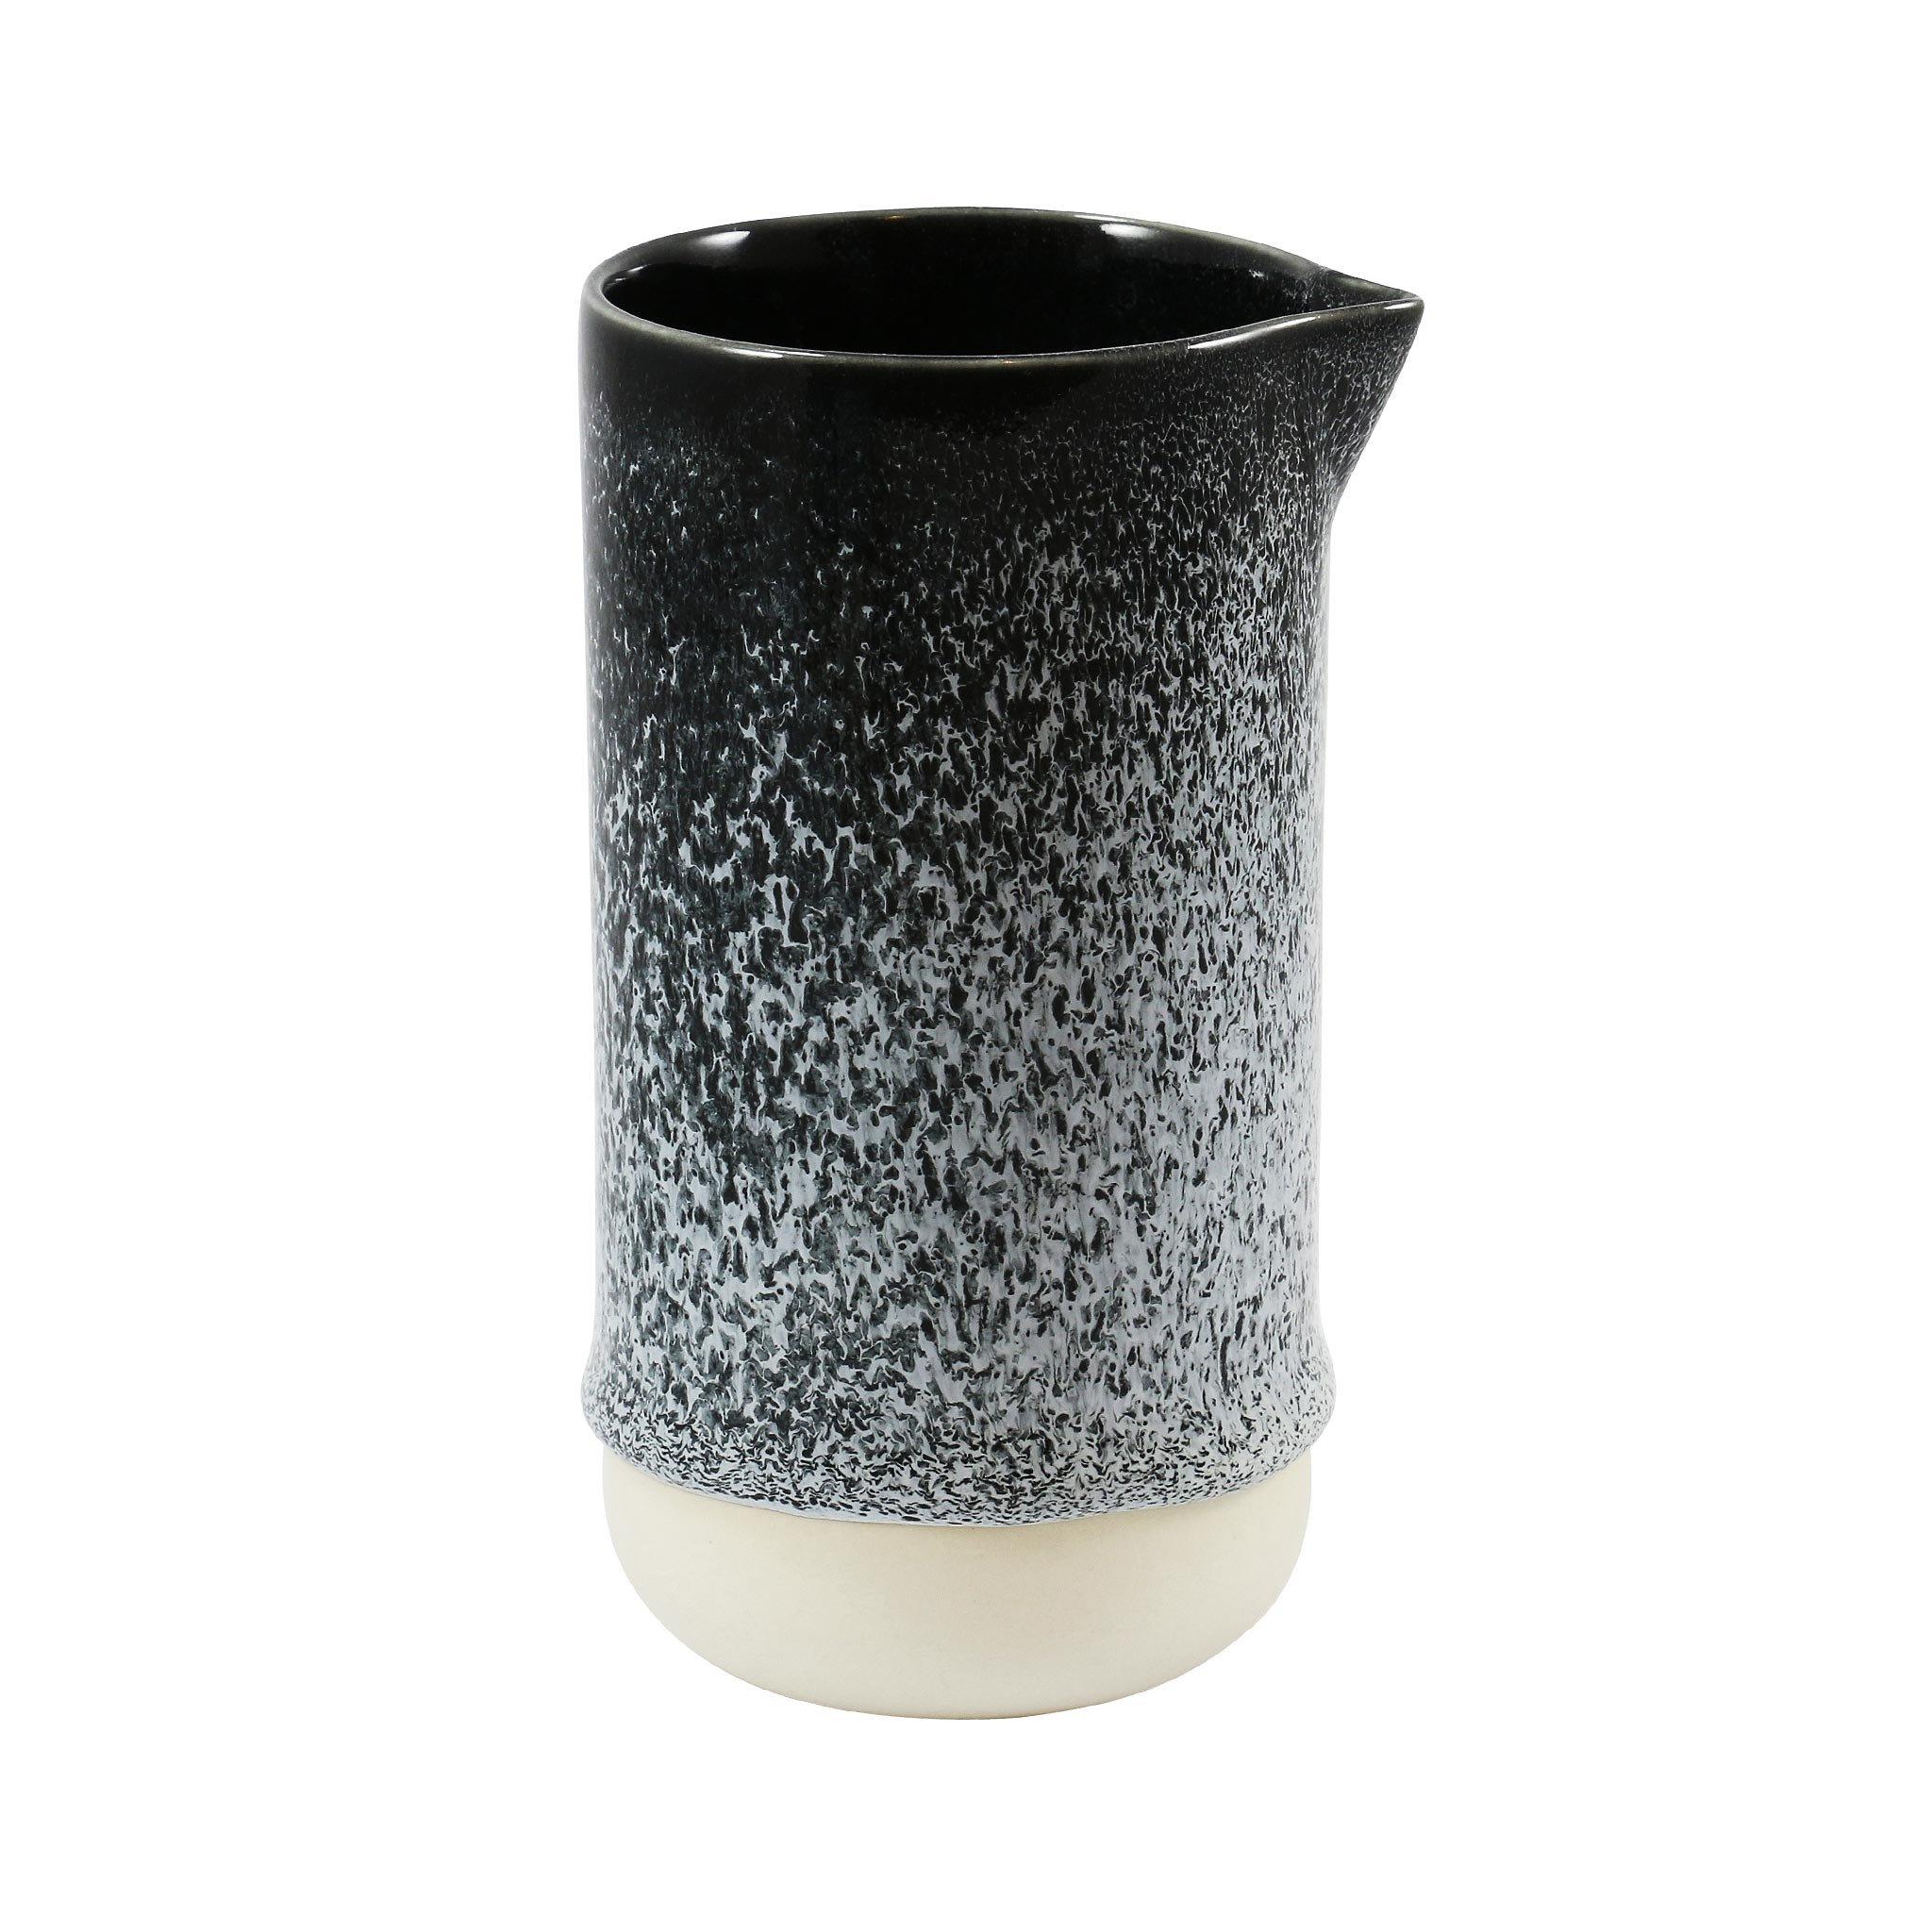 STUDIO ARHØJ - Splash Jar, Static